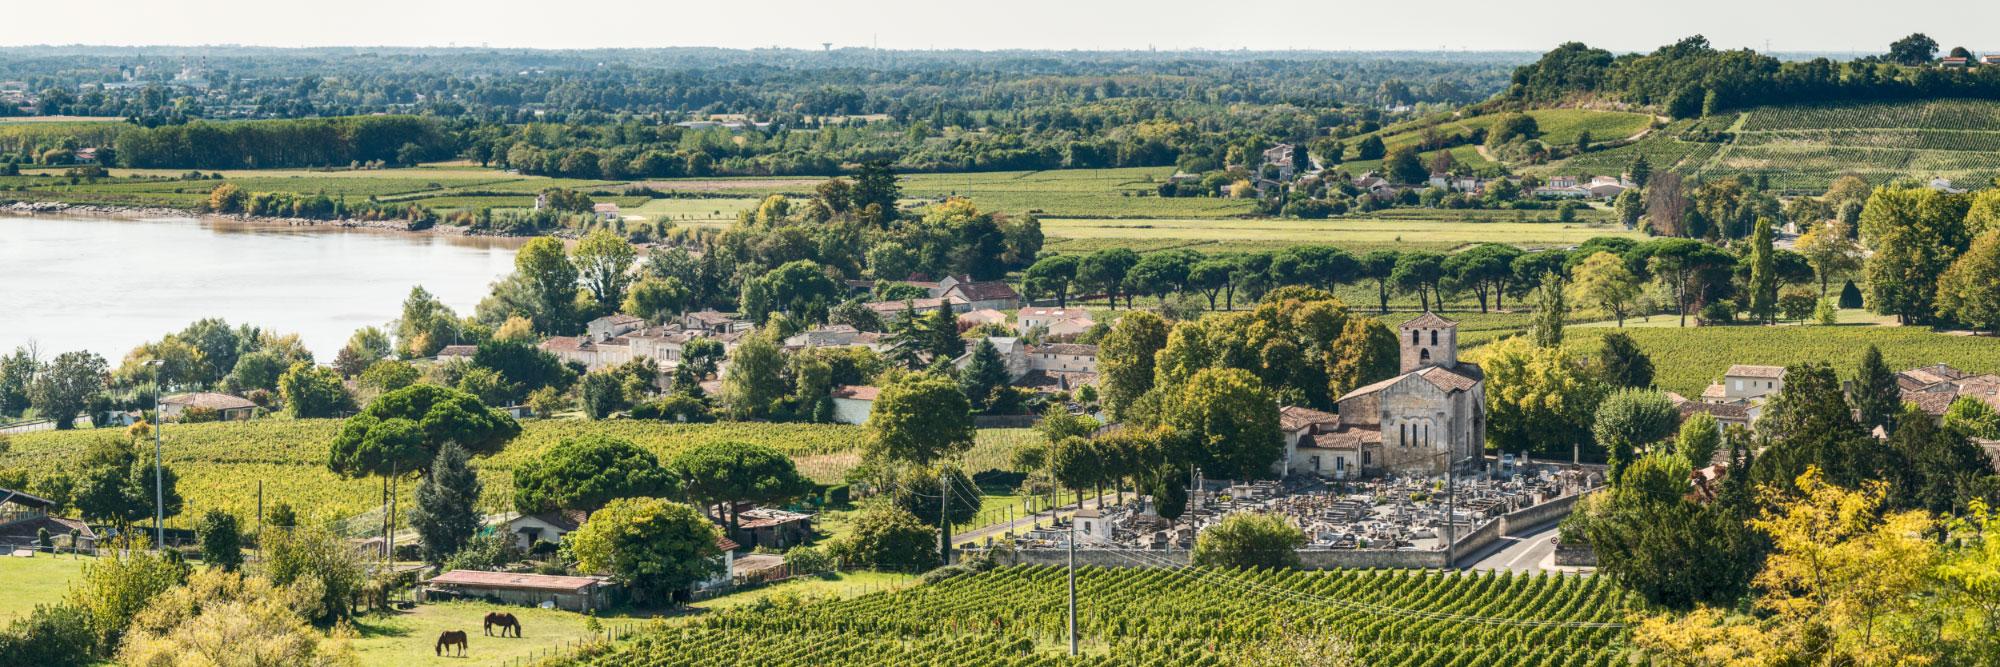 La Dordogne, vue du tertre de Fronsac